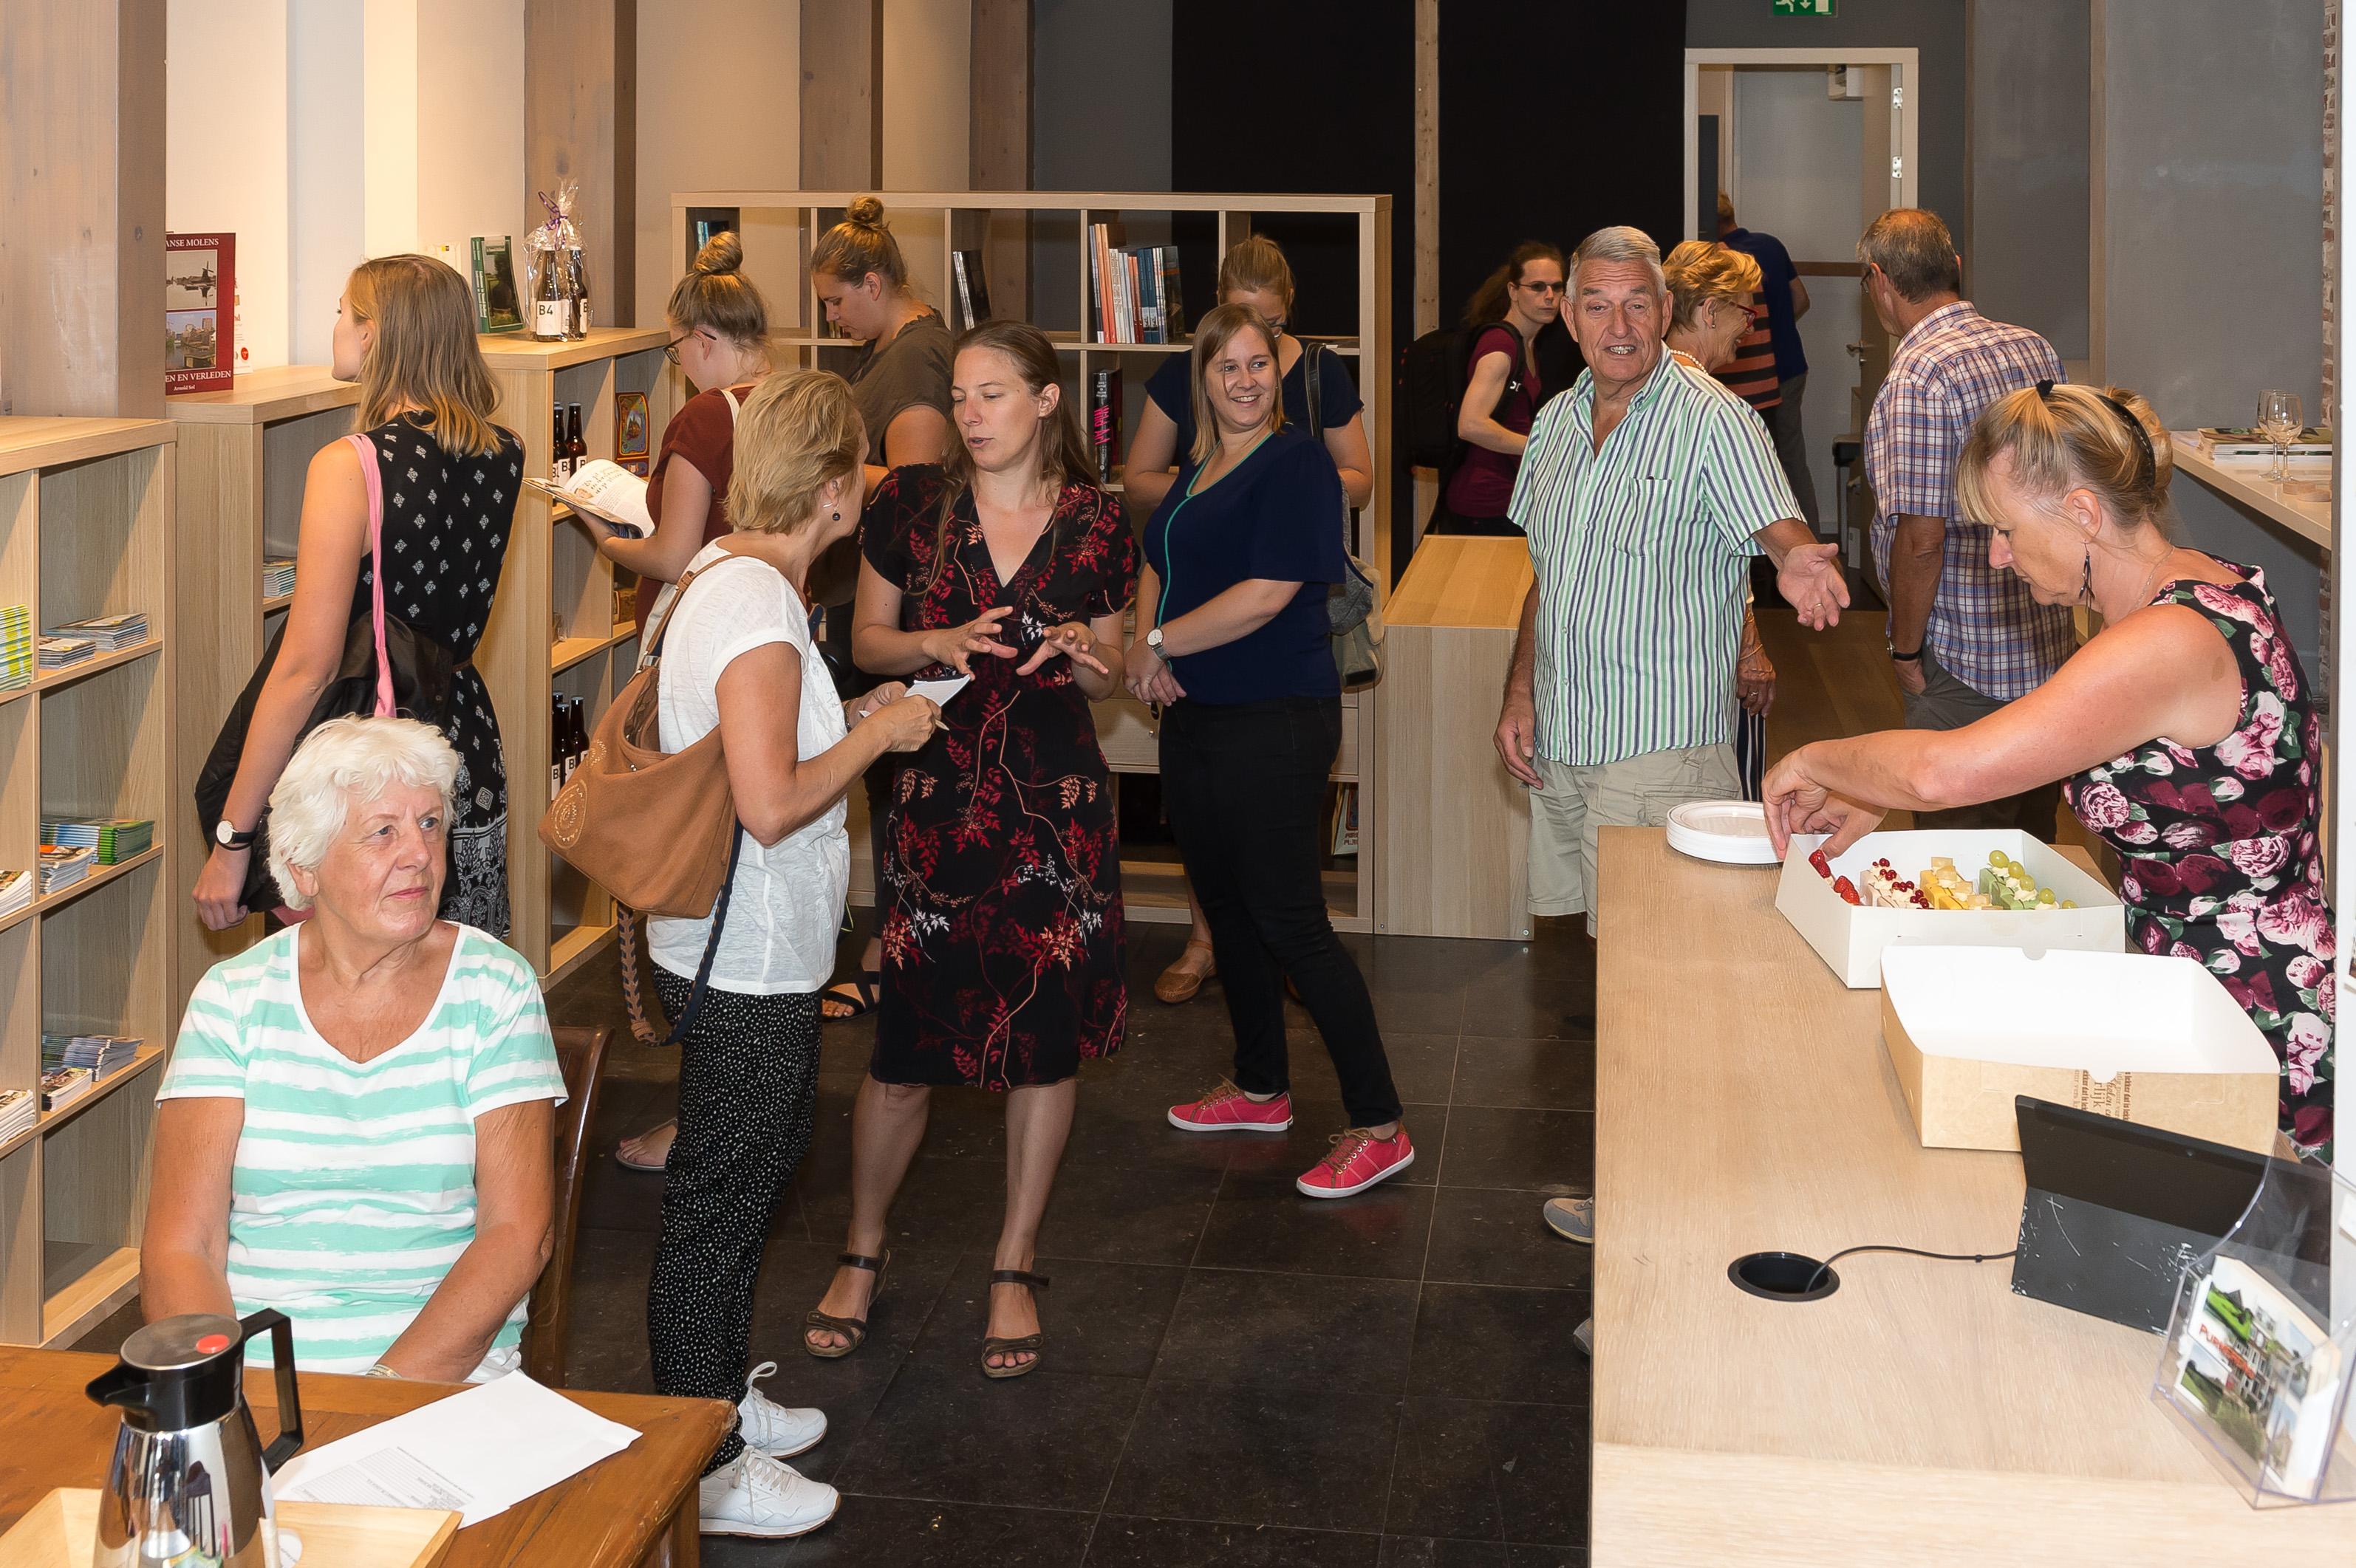 Na de opening door wethouder Harry Rotgans wist het publiek de gecombineerde VVV/museumwinkel al direct te vinden. (Foto: Han Giskes)